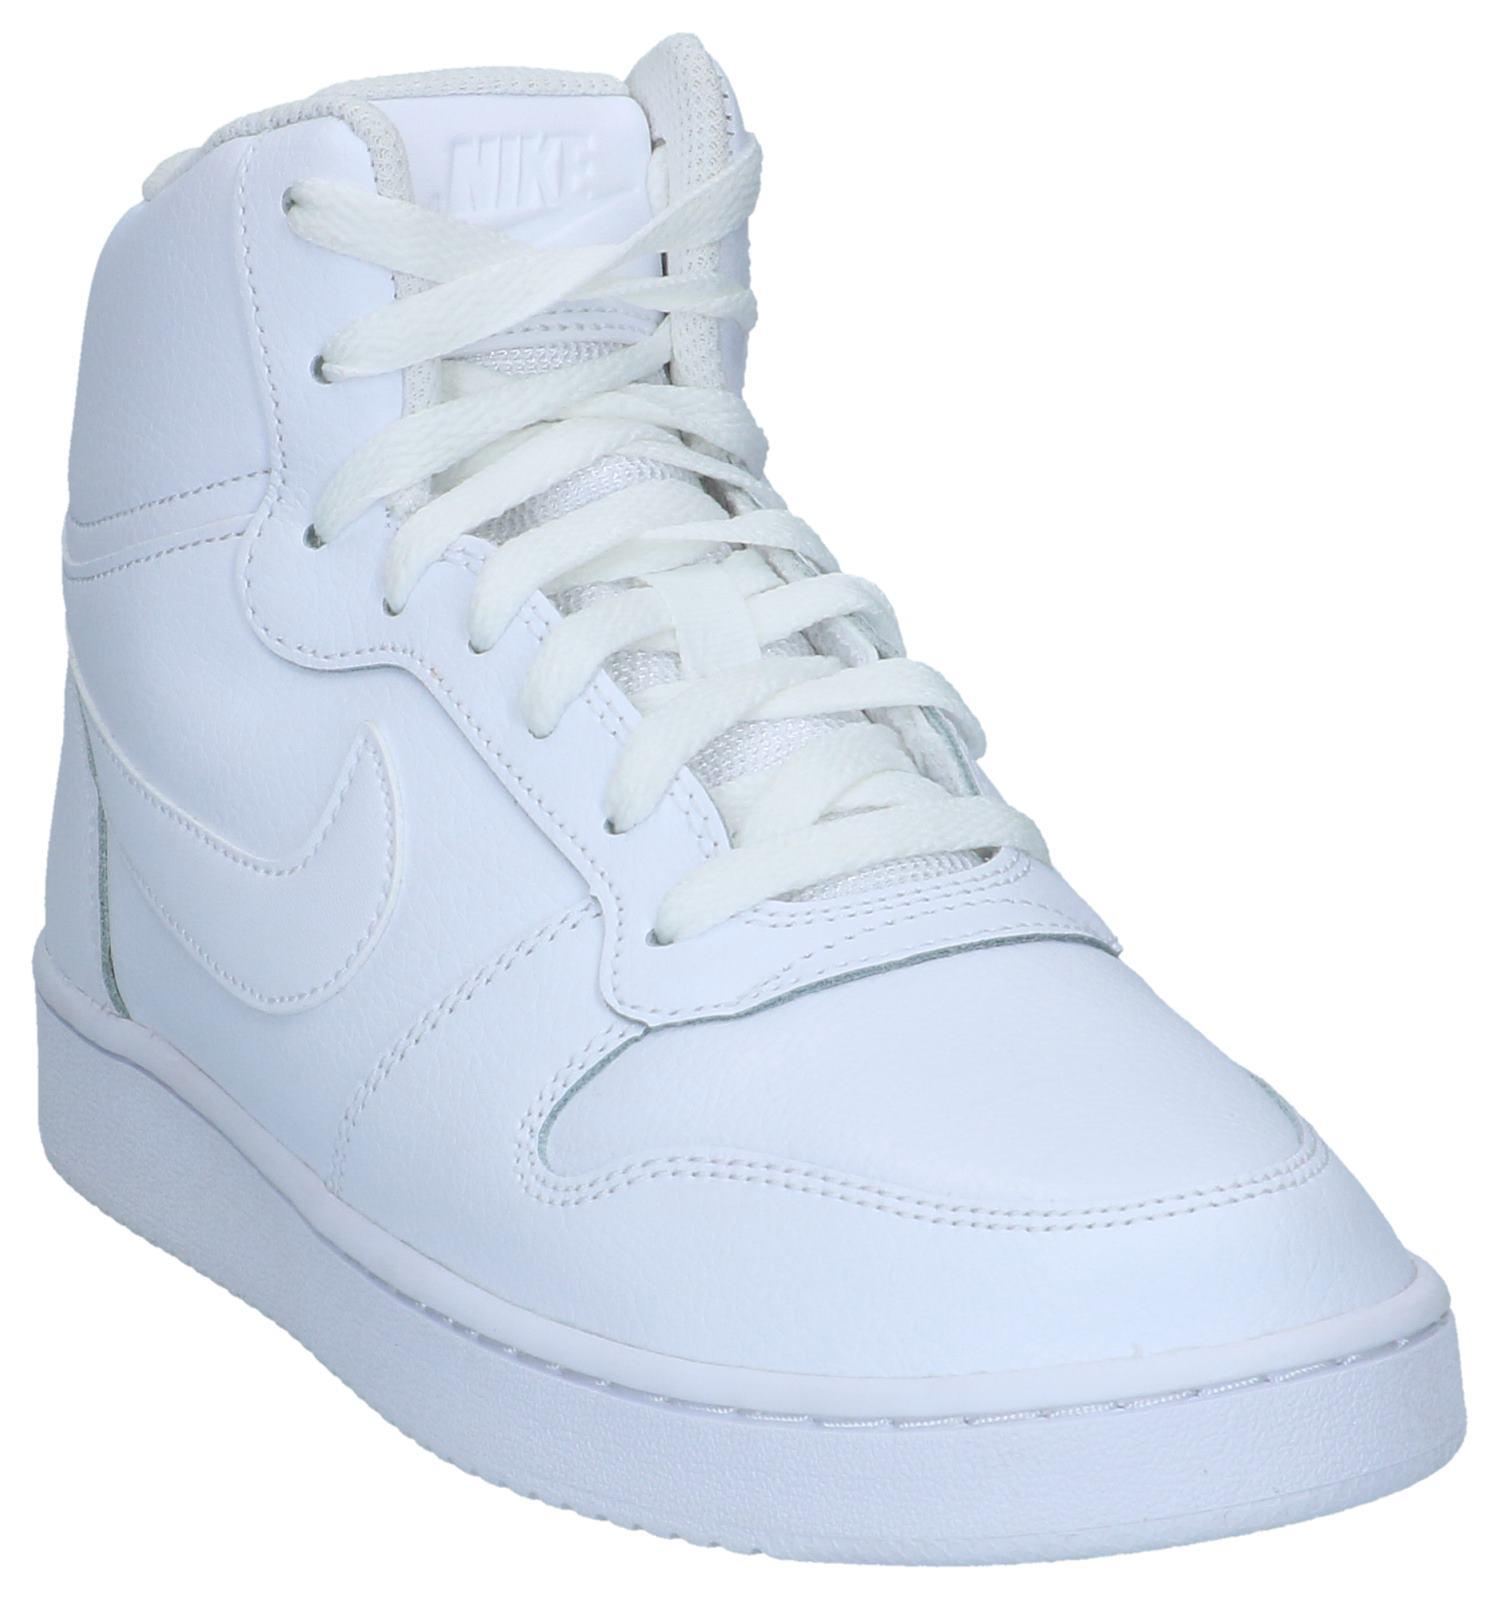 Onwijs Witte Nike Ebernon Sneakers Hoog | TORFS.BE | Gratis verzend en retour IO-93